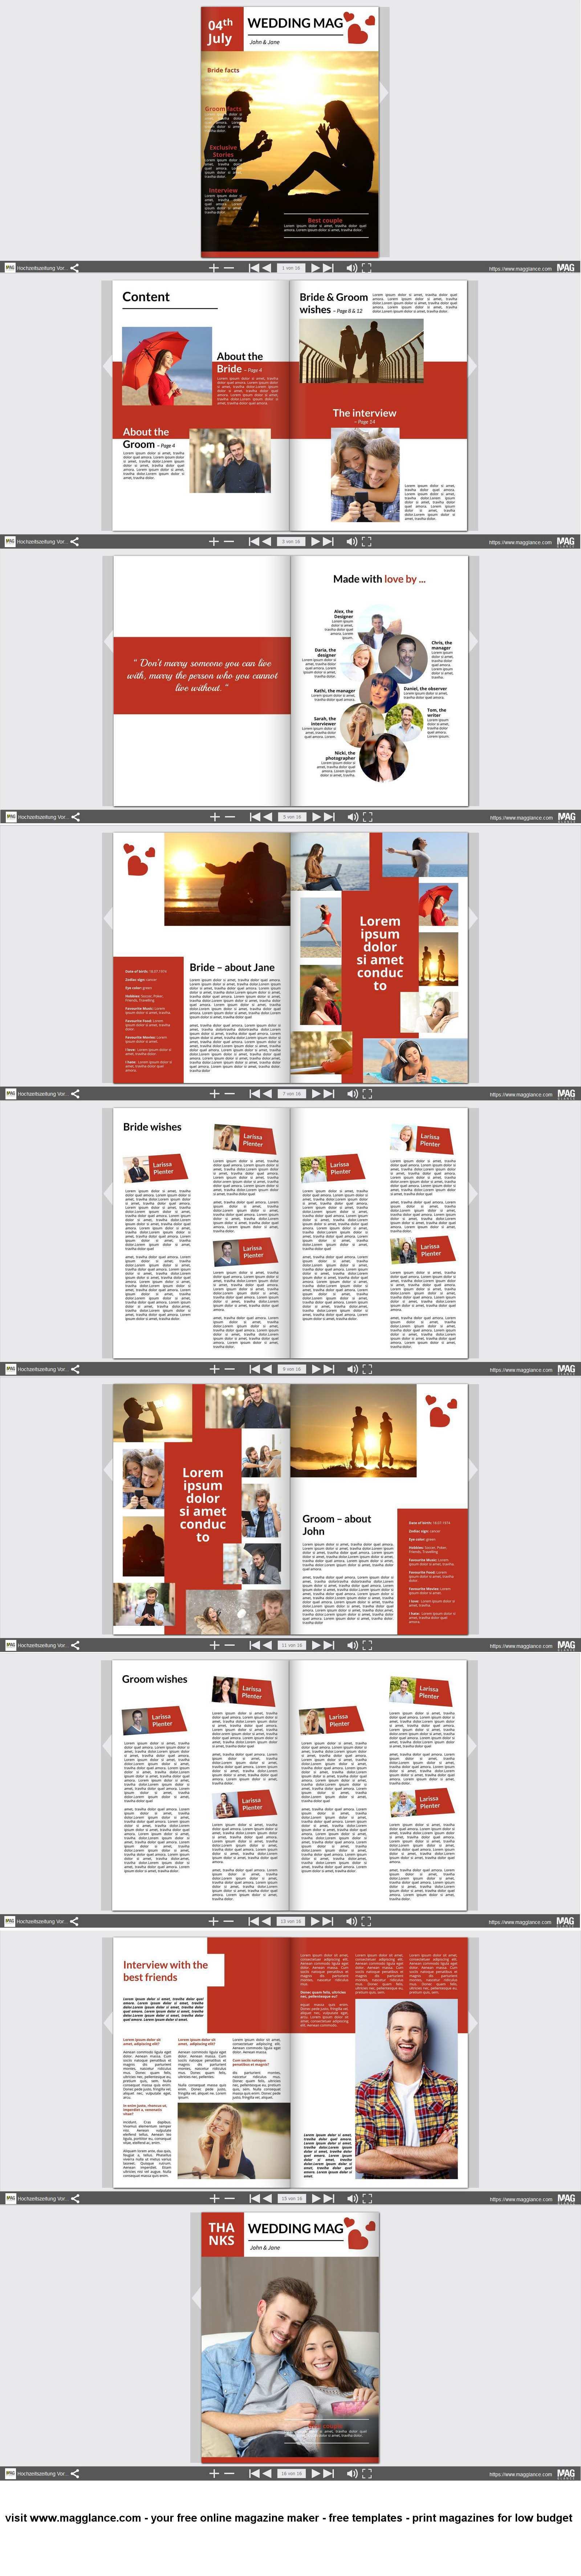 Hochzeitszeitung Kostenlos Online Erstellen Und Gunstig Drucken Unter Https De Magglance Hochzeitszeitung Geburtstagskarten Online Lustige Geburtstagskarten